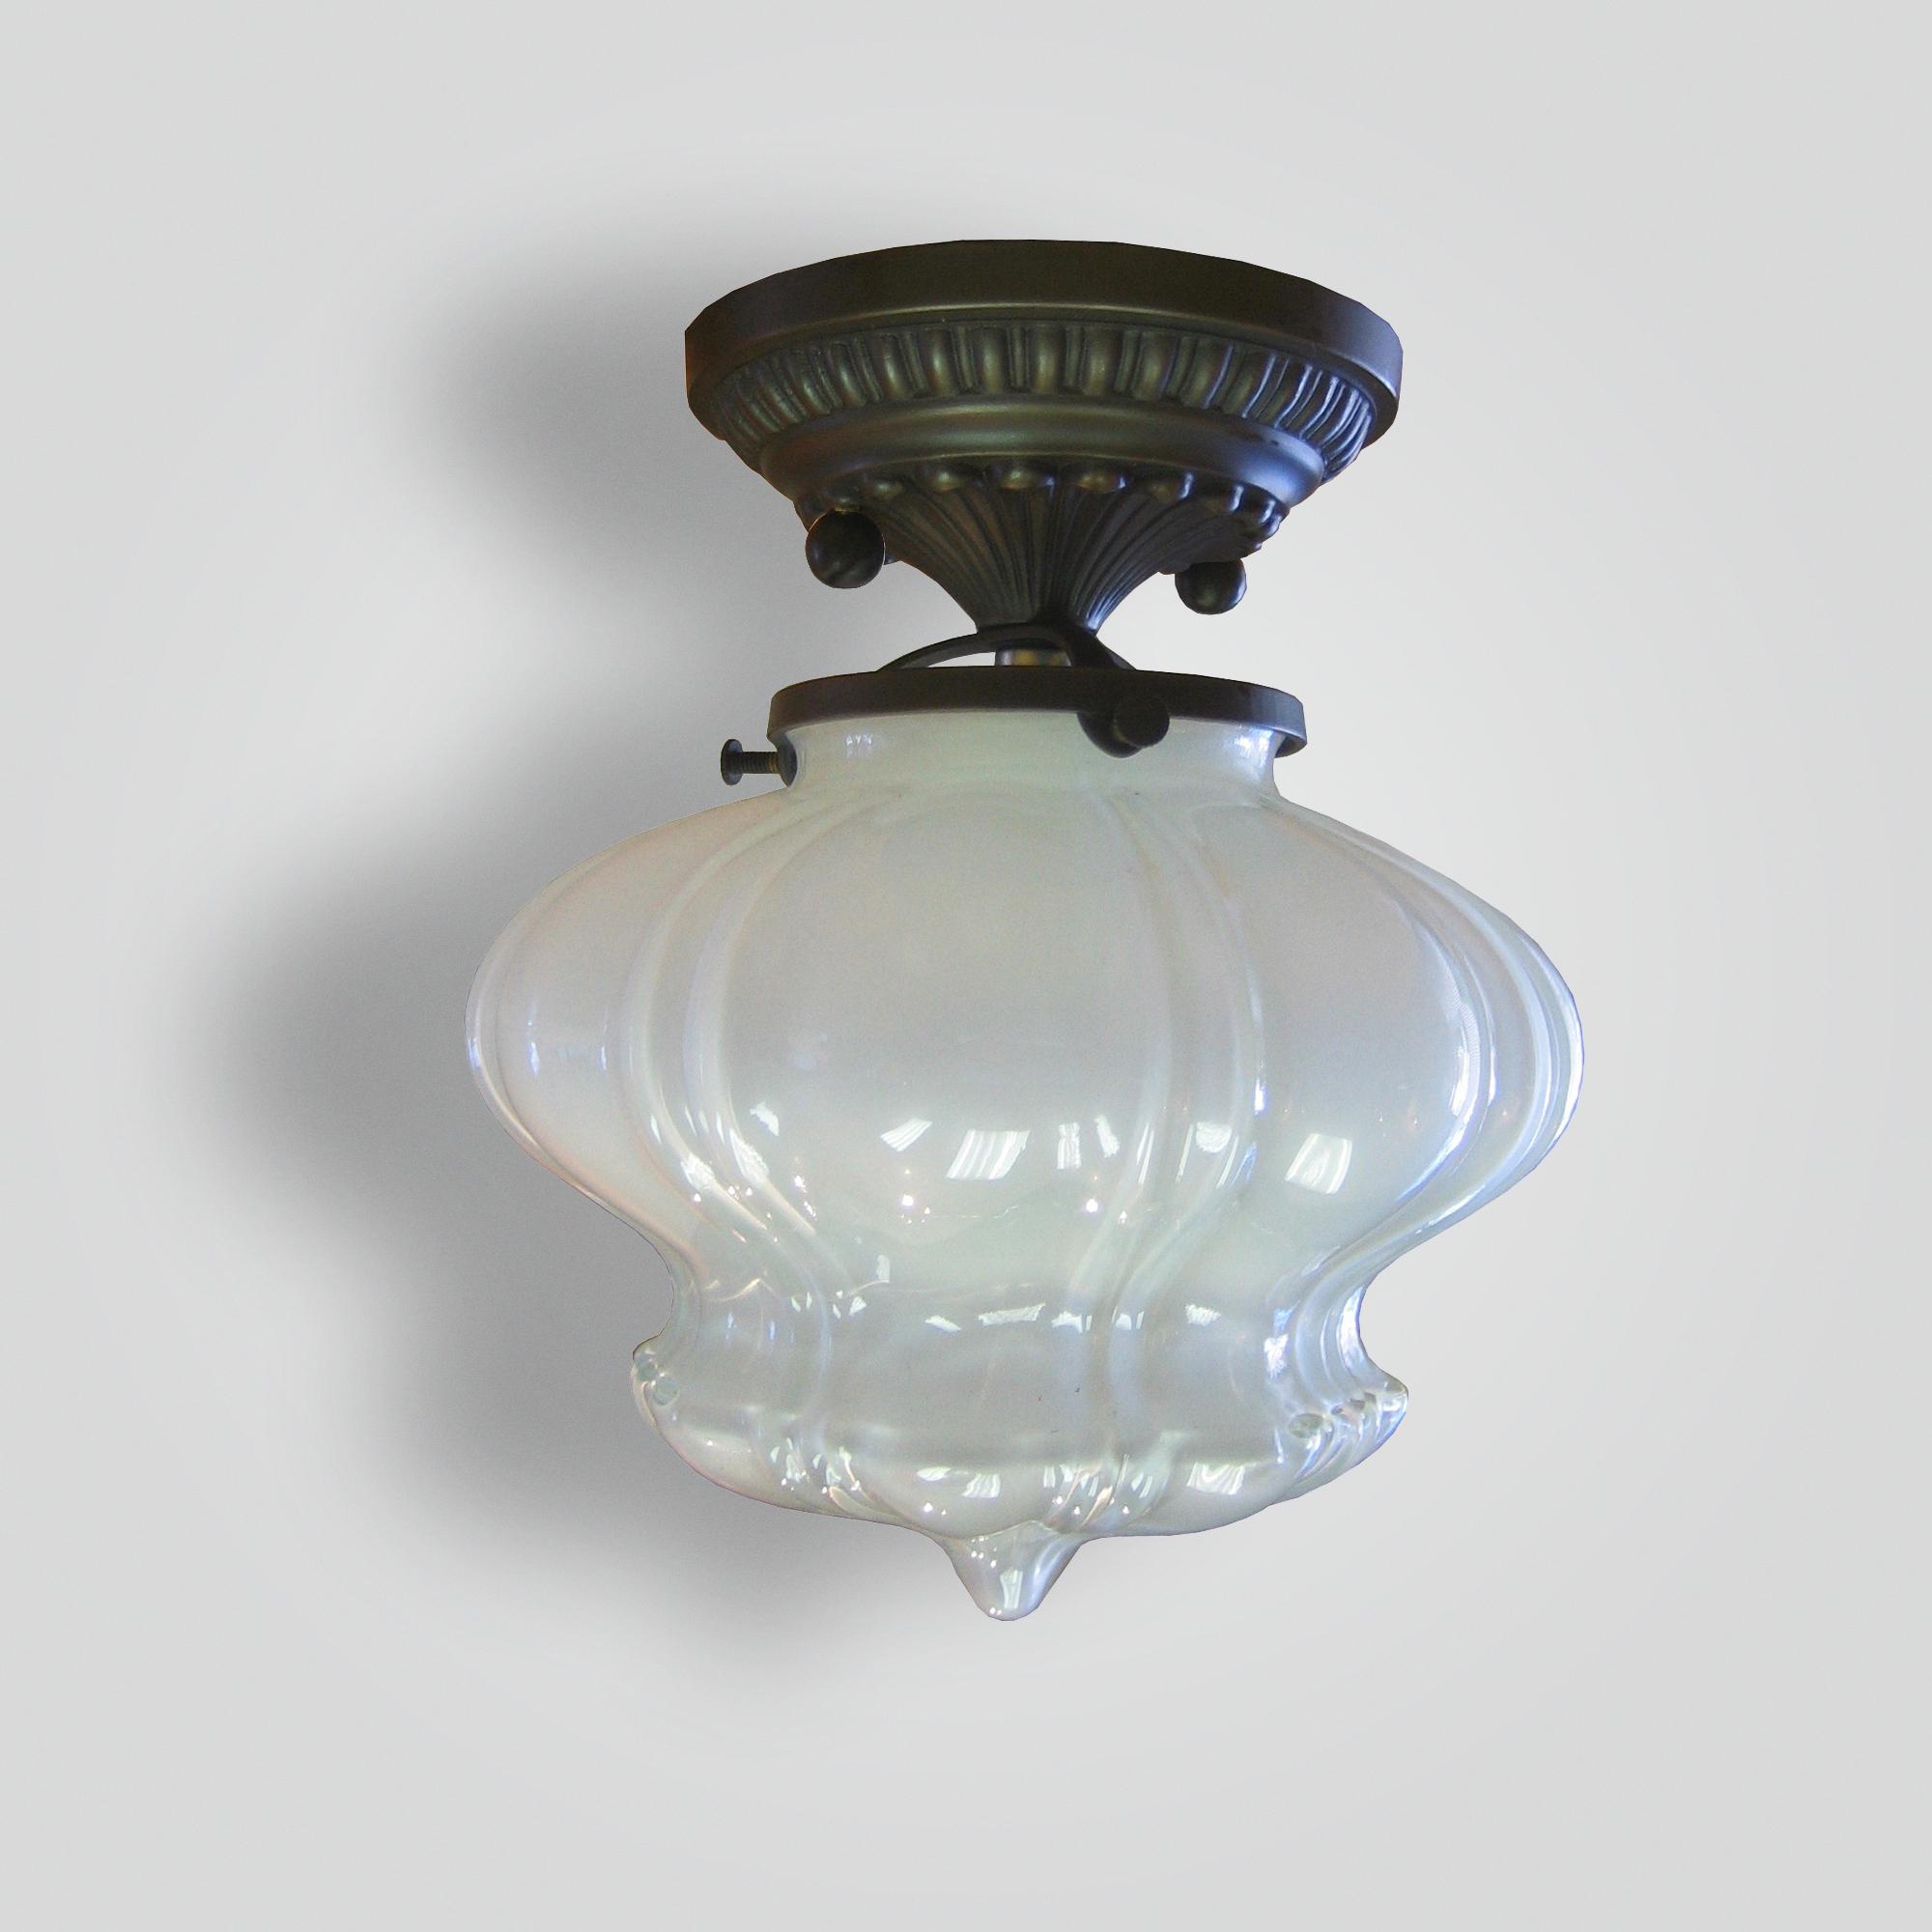 7282-mb1-brgl-h-ca-vaseline-glass-ceiling-flush – ADG Lighting Collection